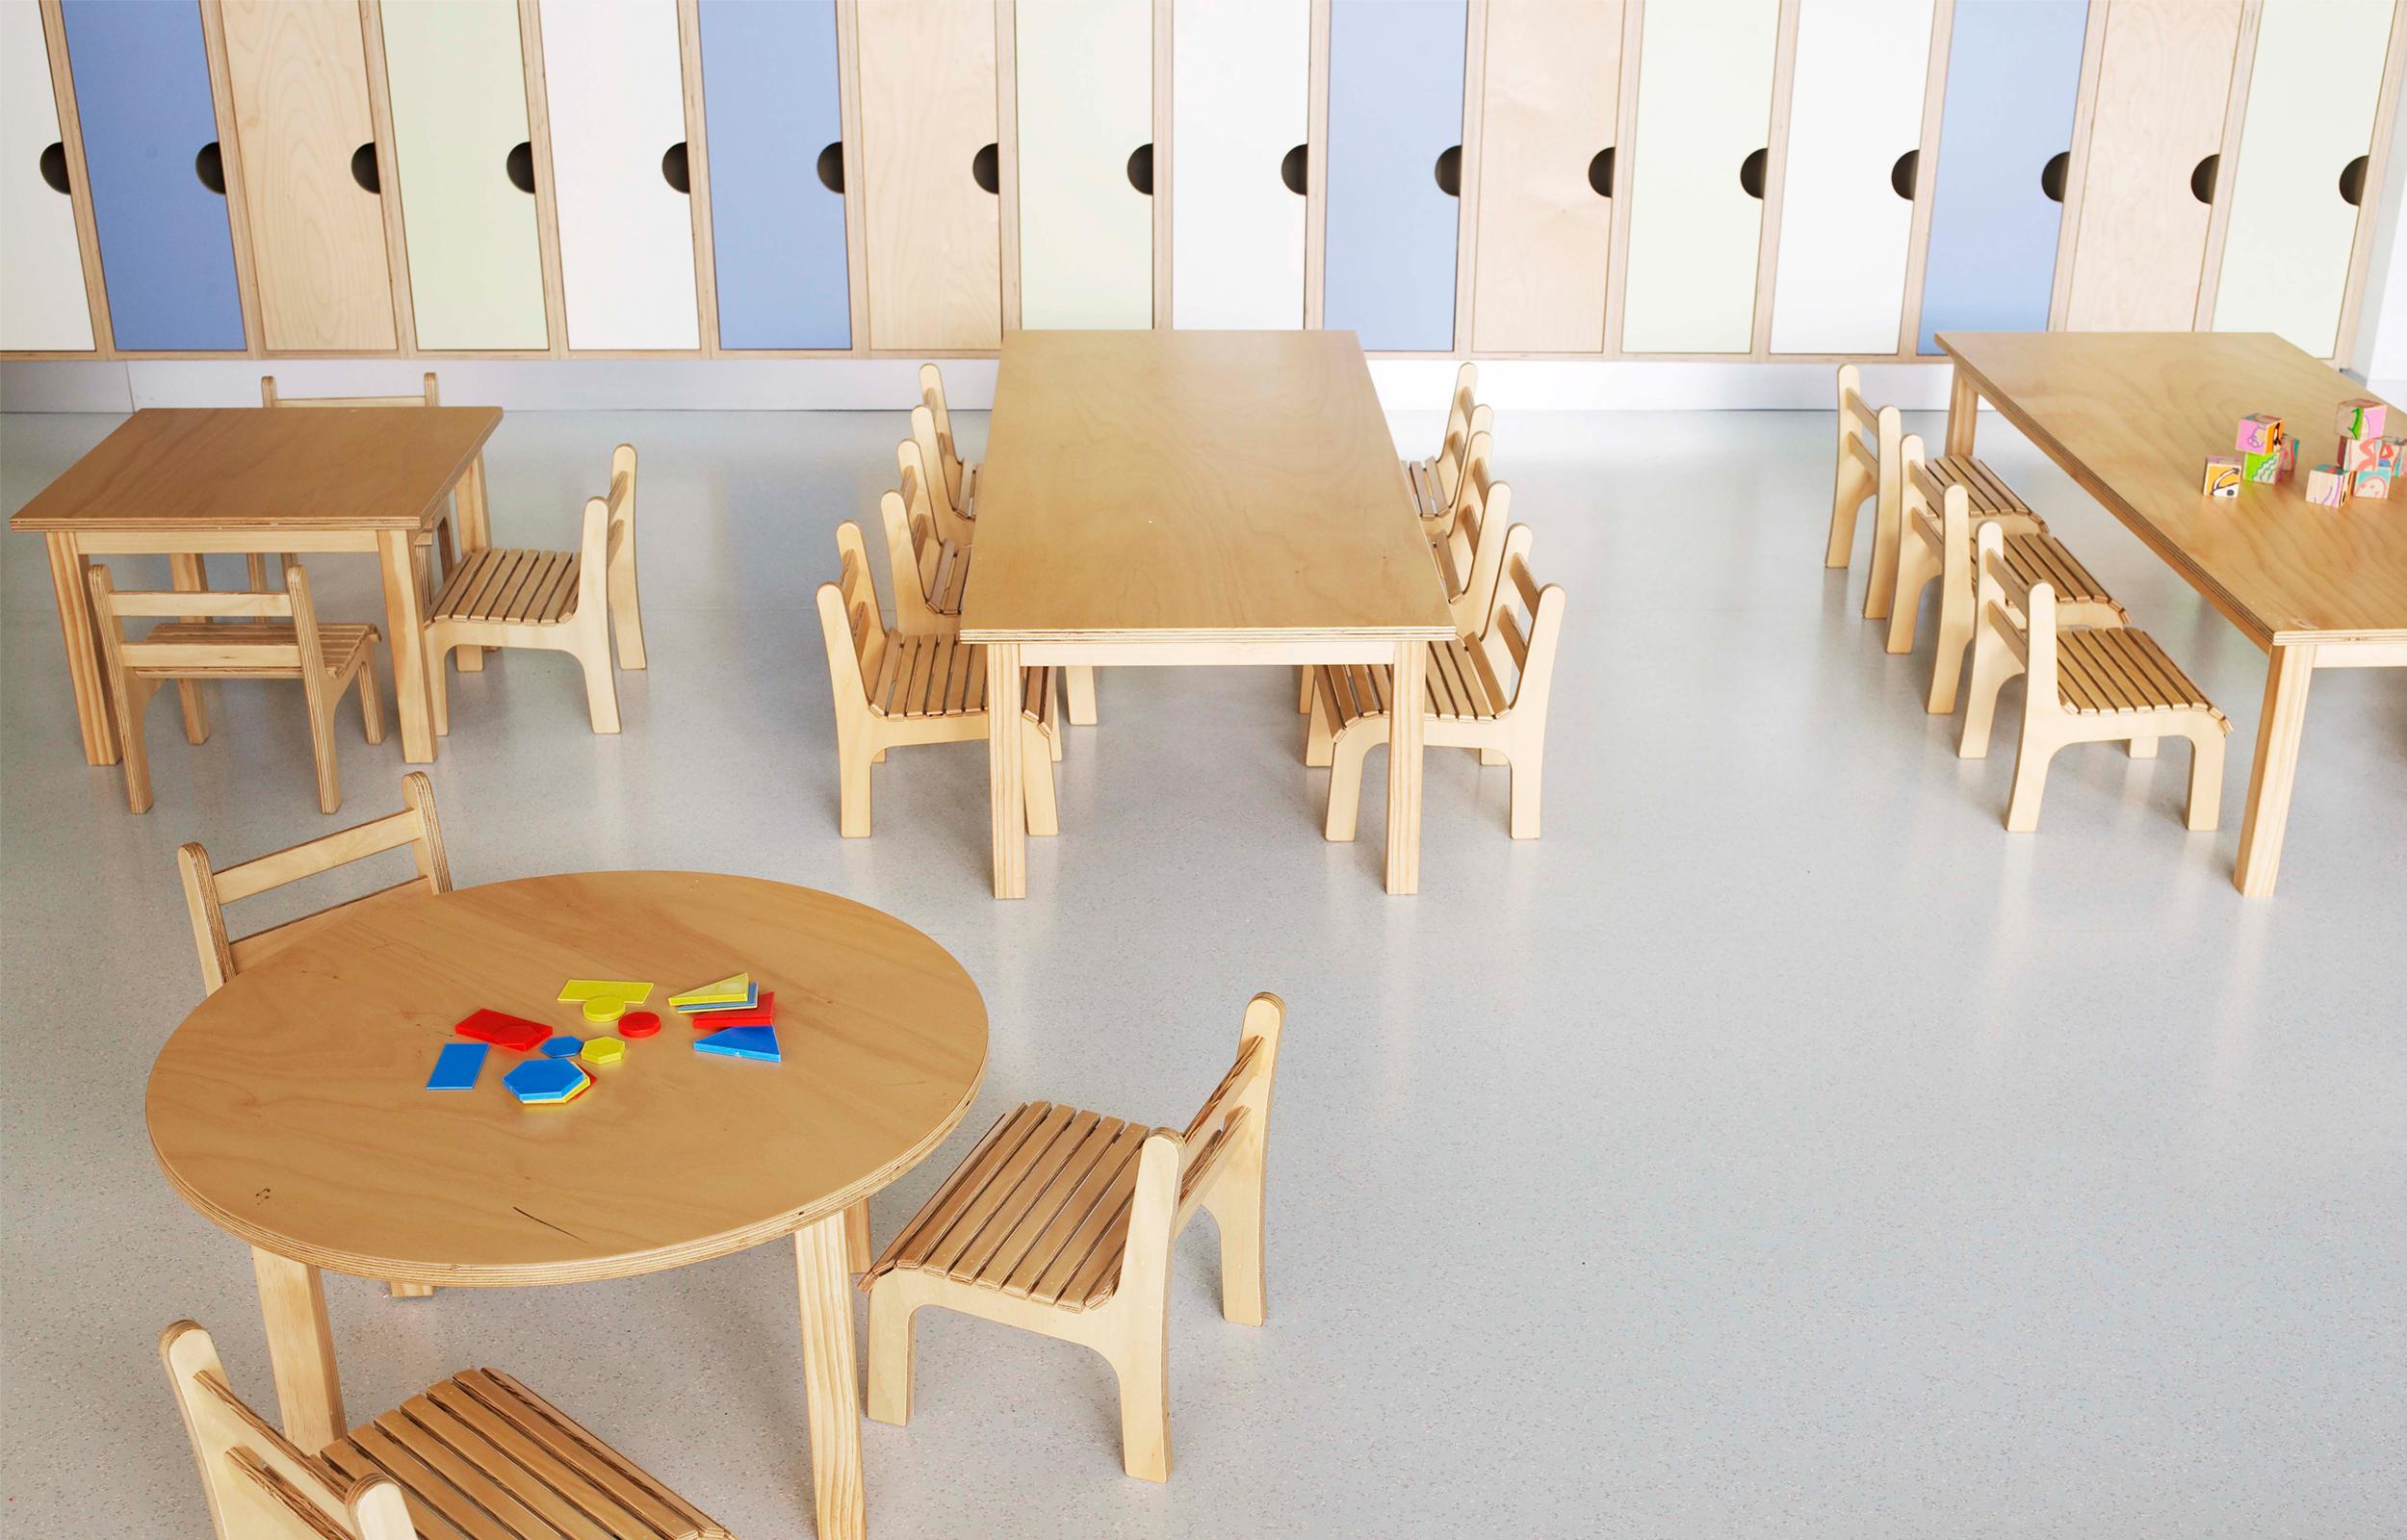 Ca Montessori Childcare Centre